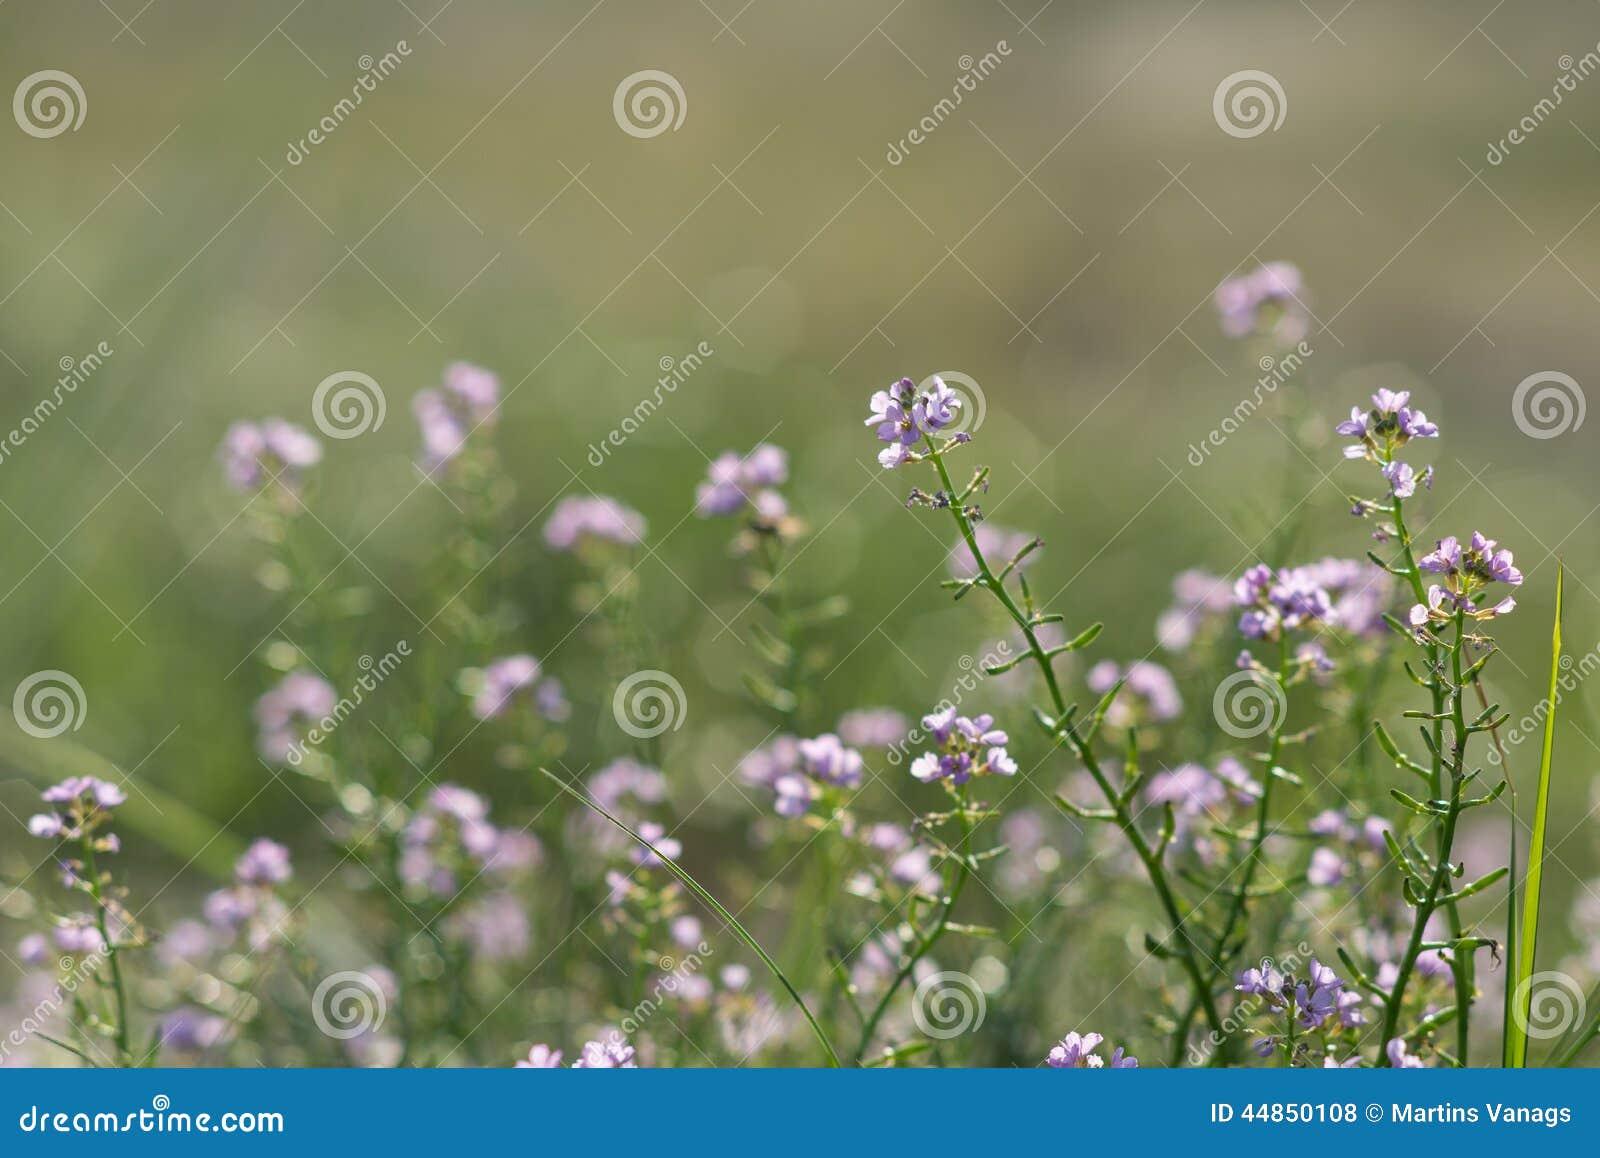 Fondo hermoso de la falta de definición del defocus con las flores blandas